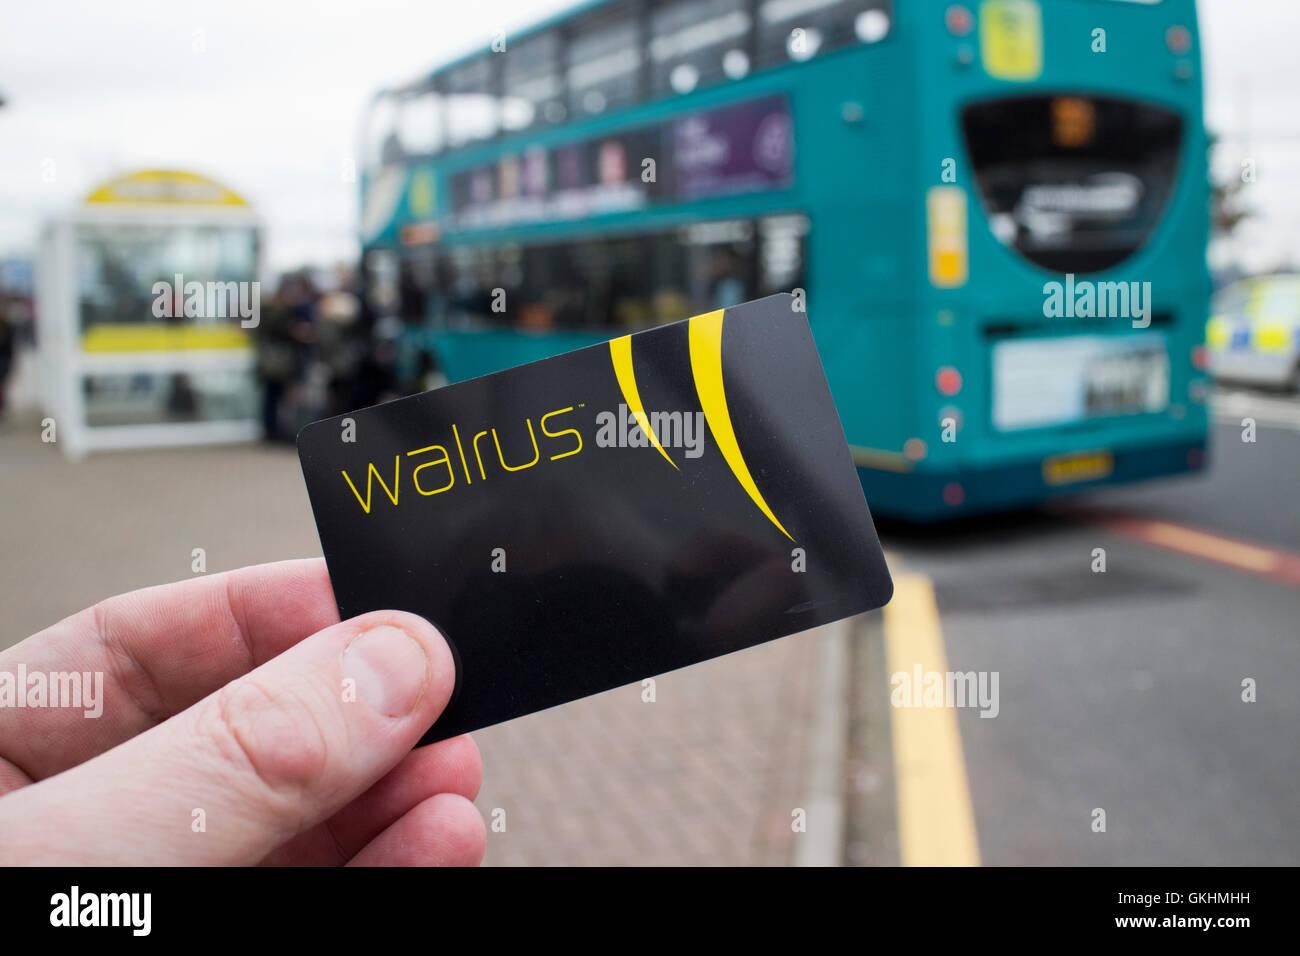 Merseytravel Walross Karte Reisen Smartcard an Bushaltestelle Stockbild